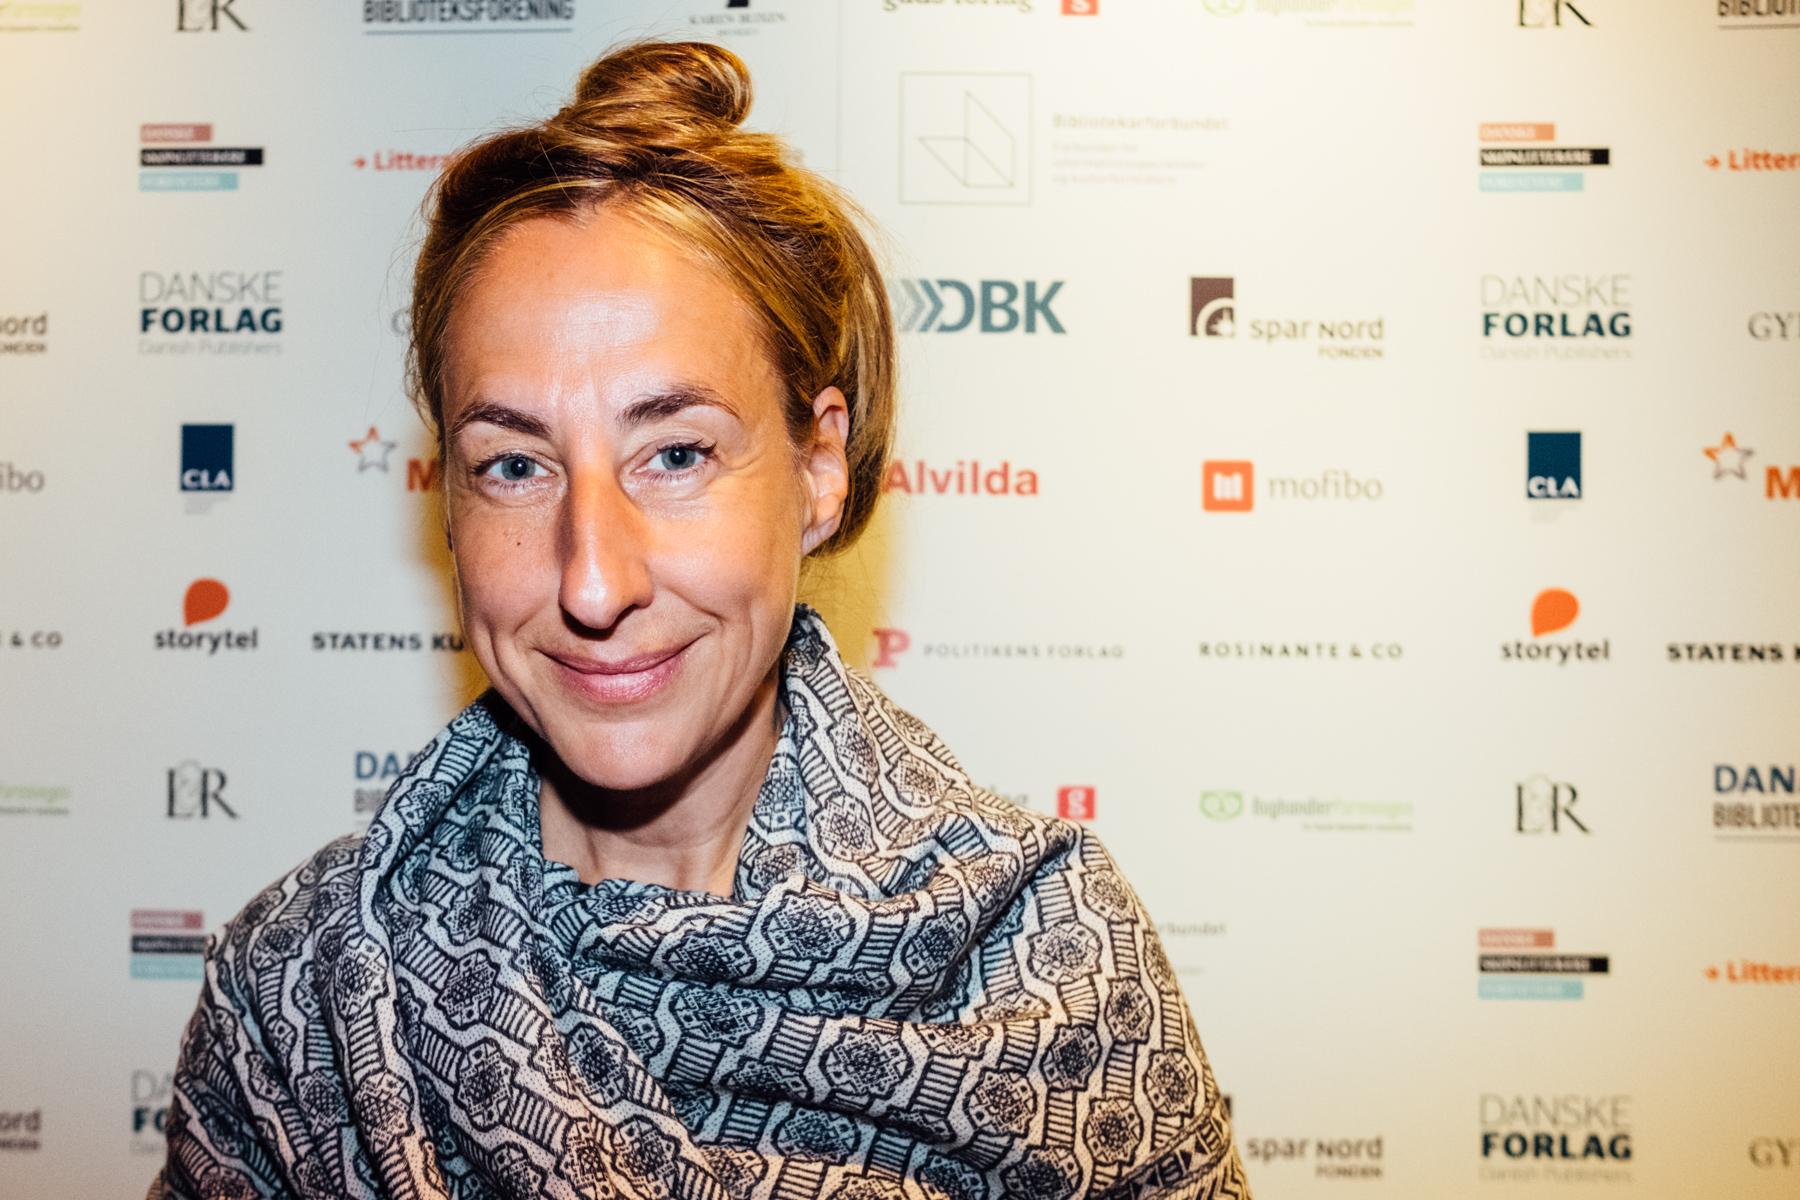 Blixenprisen 2018: Her er årets prismodtagere…